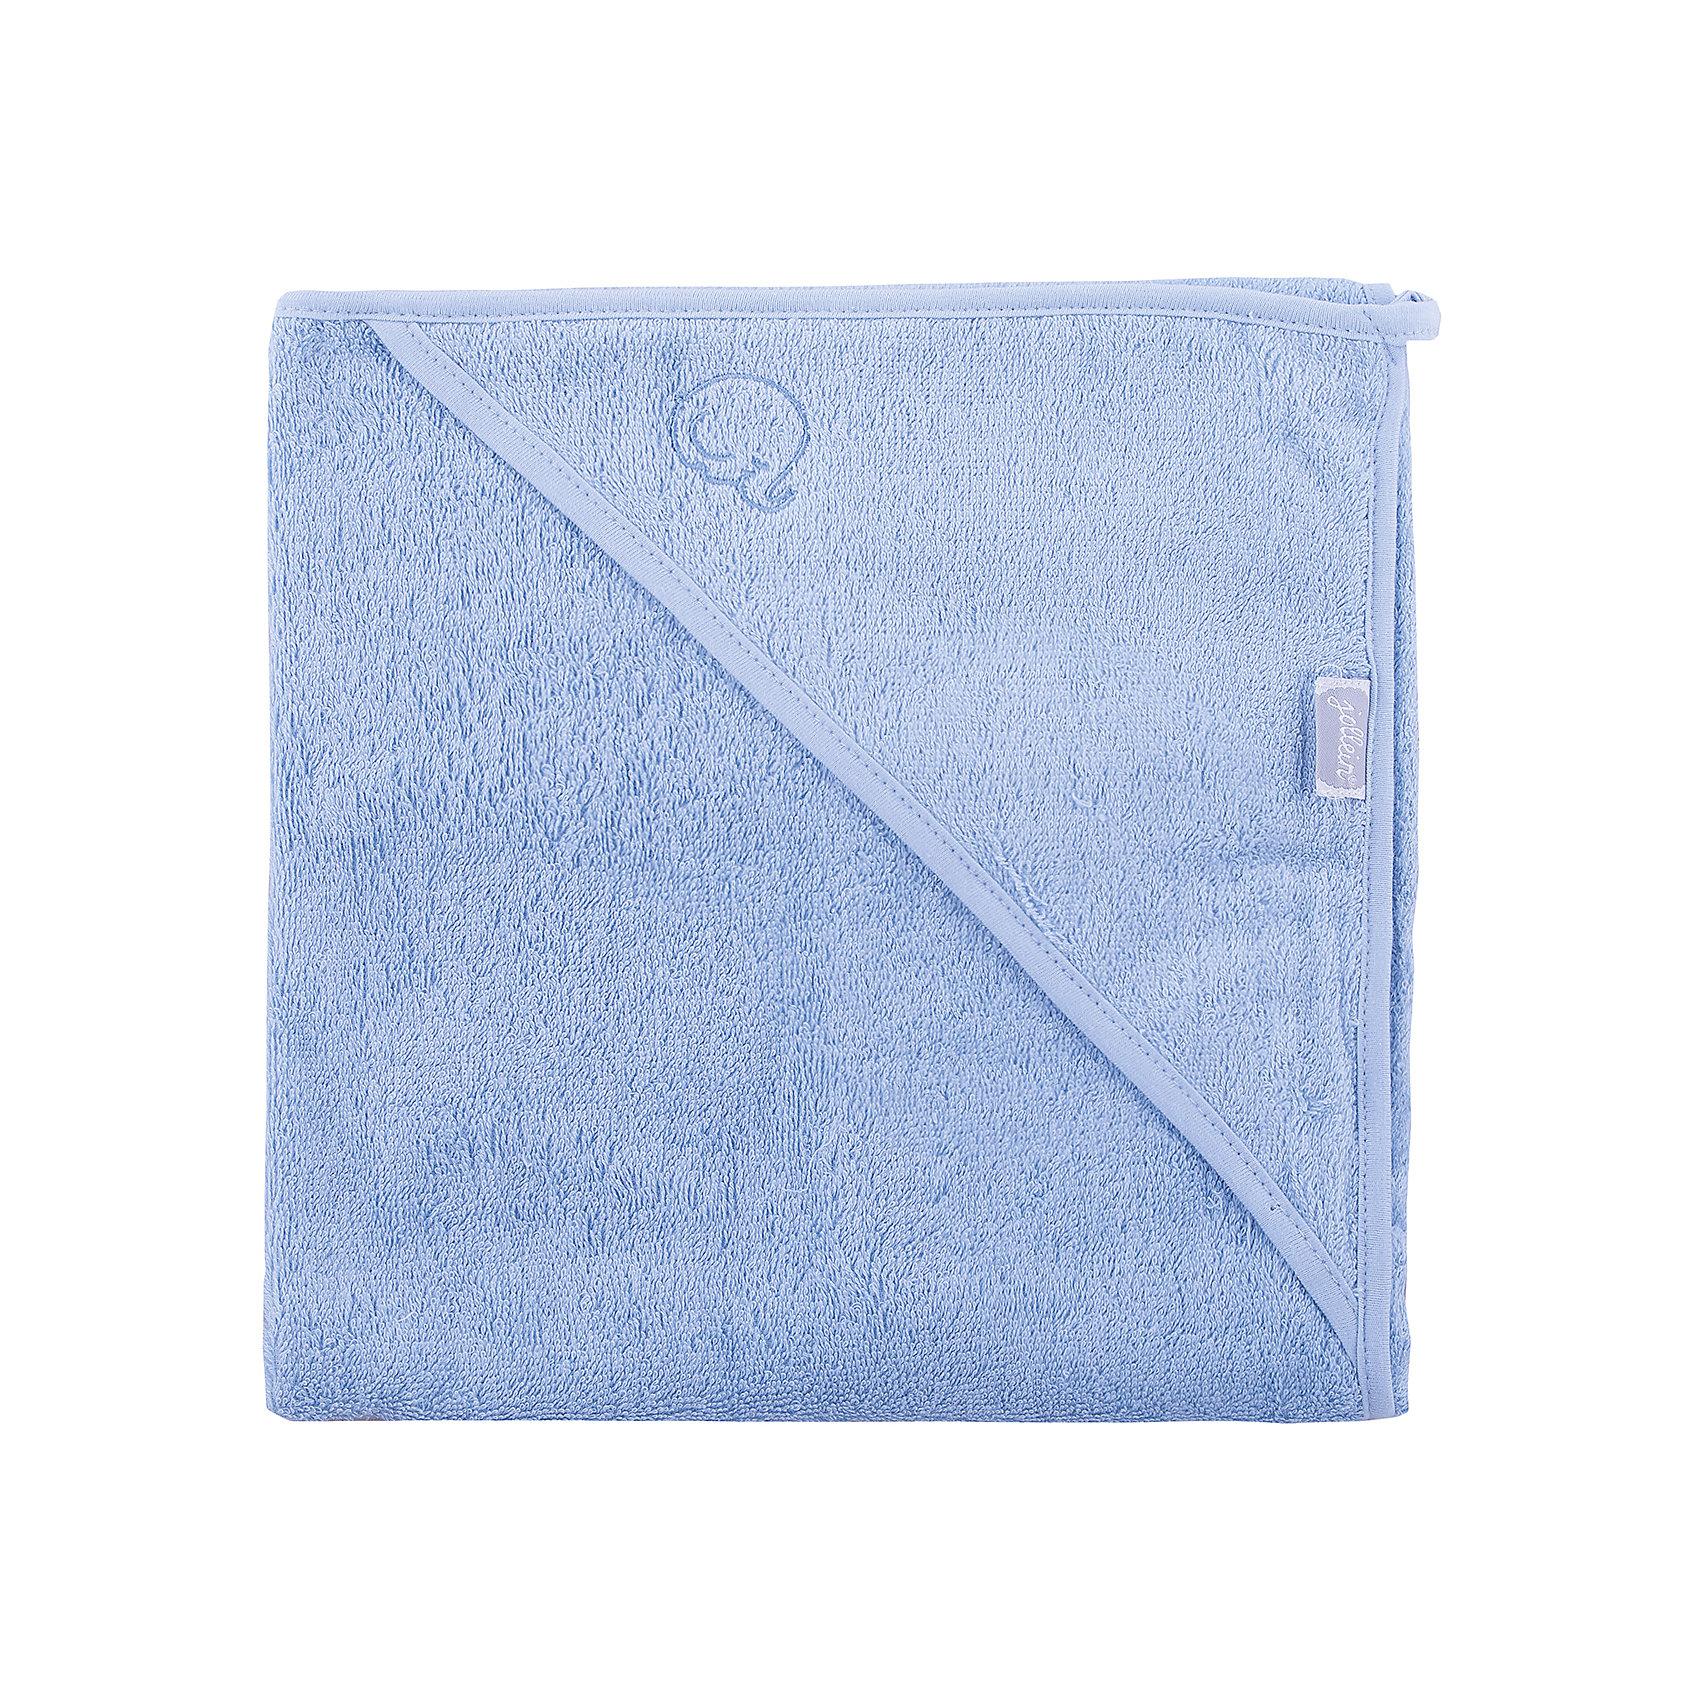 Полотенце с капюшоном 75 х 75 см, Jollein, Light blueХарактеристики:<br><br>• Вид детского текстиля: полотенце с капюшоном<br>• Предназначение: для купания<br>• Пол: для мальчика<br>• Цвет: светло голубой<br>• Тематика рисунка: без рисунка<br>• Материал: 100% хлопок<br>• Наличие капюшона<br>• Размер: 75*75 см<br>• Вес: 250 г<br>• Особенности ухода: машинная или ручная стирка при температуре не более 40 градусов<br><br>Полотенце с капюшоном 75 х 75 см, Jollein, Light blue от торговой марки Жолляйн, которая является признанным лидером среди аналогичных брендов, выпускающих детское постельное белье и текстиль для новорожденных и детей. Продукция этого торгового бренда отличается высоким качеством и дизайнерским стилем. <br><br>Изделие предназначено для купания детей в возрасте от 6-ти месяцев. Полотенце выполнено из махрового полотна, состоящего из натурального хлопка, что обеспечивает быструю впитываемость, высыхание и сохранение формы и цвета при частных стирках. У изделия предусмотрен капюшон. На капюшоне имеется петелька, щза которую полотенце удобно подвешивать. <br><br>Все края изделия обработаны эластичным кантом, что защищает от натирания нежной детской кожи. Полотенце с капюшоном 75 х 75 см, Jollein, Light blue обеспечит малышу комфортный отдых после купания!<br><br>Полотенце с капюшоном 75 х 75 см, Jollein, Light blue можно купить в нашем интернет-магазине.<br><br>Ширина мм: 300<br>Глубина мм: 300<br>Высота мм: 20<br>Вес г: 250<br>Возраст от месяцев: 0<br>Возраст до месяцев: 36<br>Пол: Мужской<br>Возраст: Детский<br>SKU: 5367196